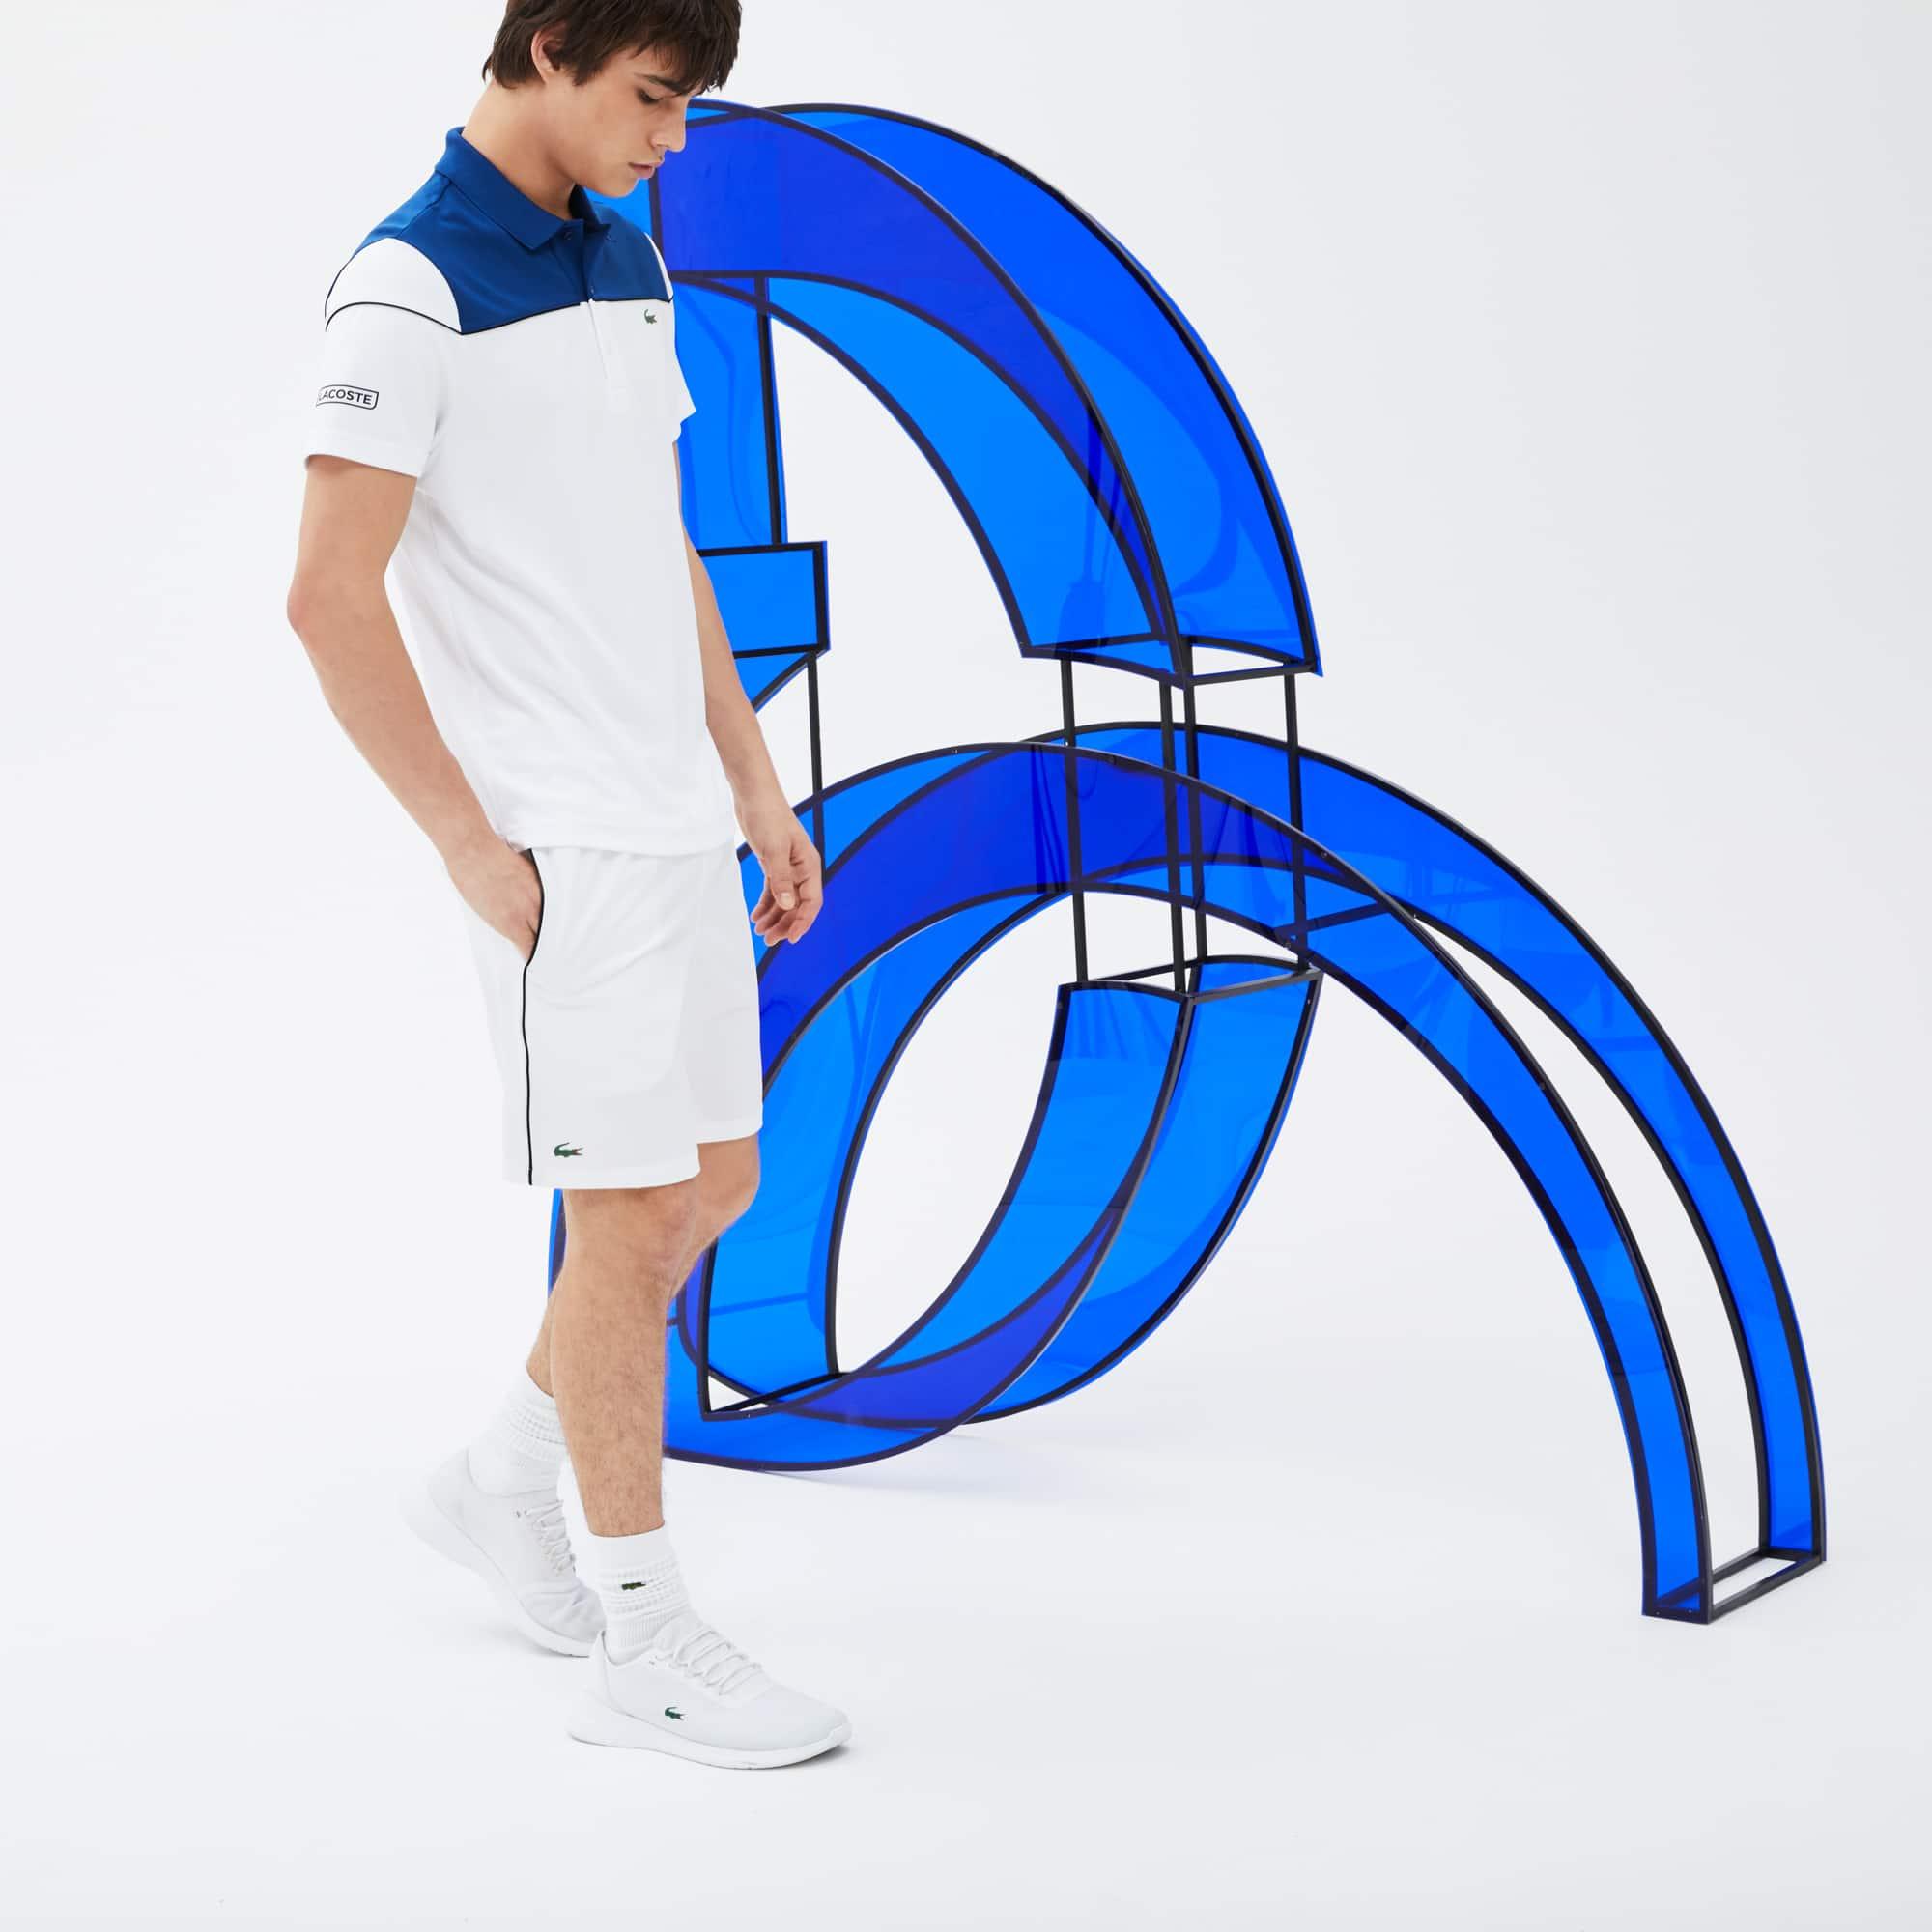 Men's LACOSTE SPORT NOVAK DJOKOVIC COLLECTION Colorblock Tech Piqué Polo